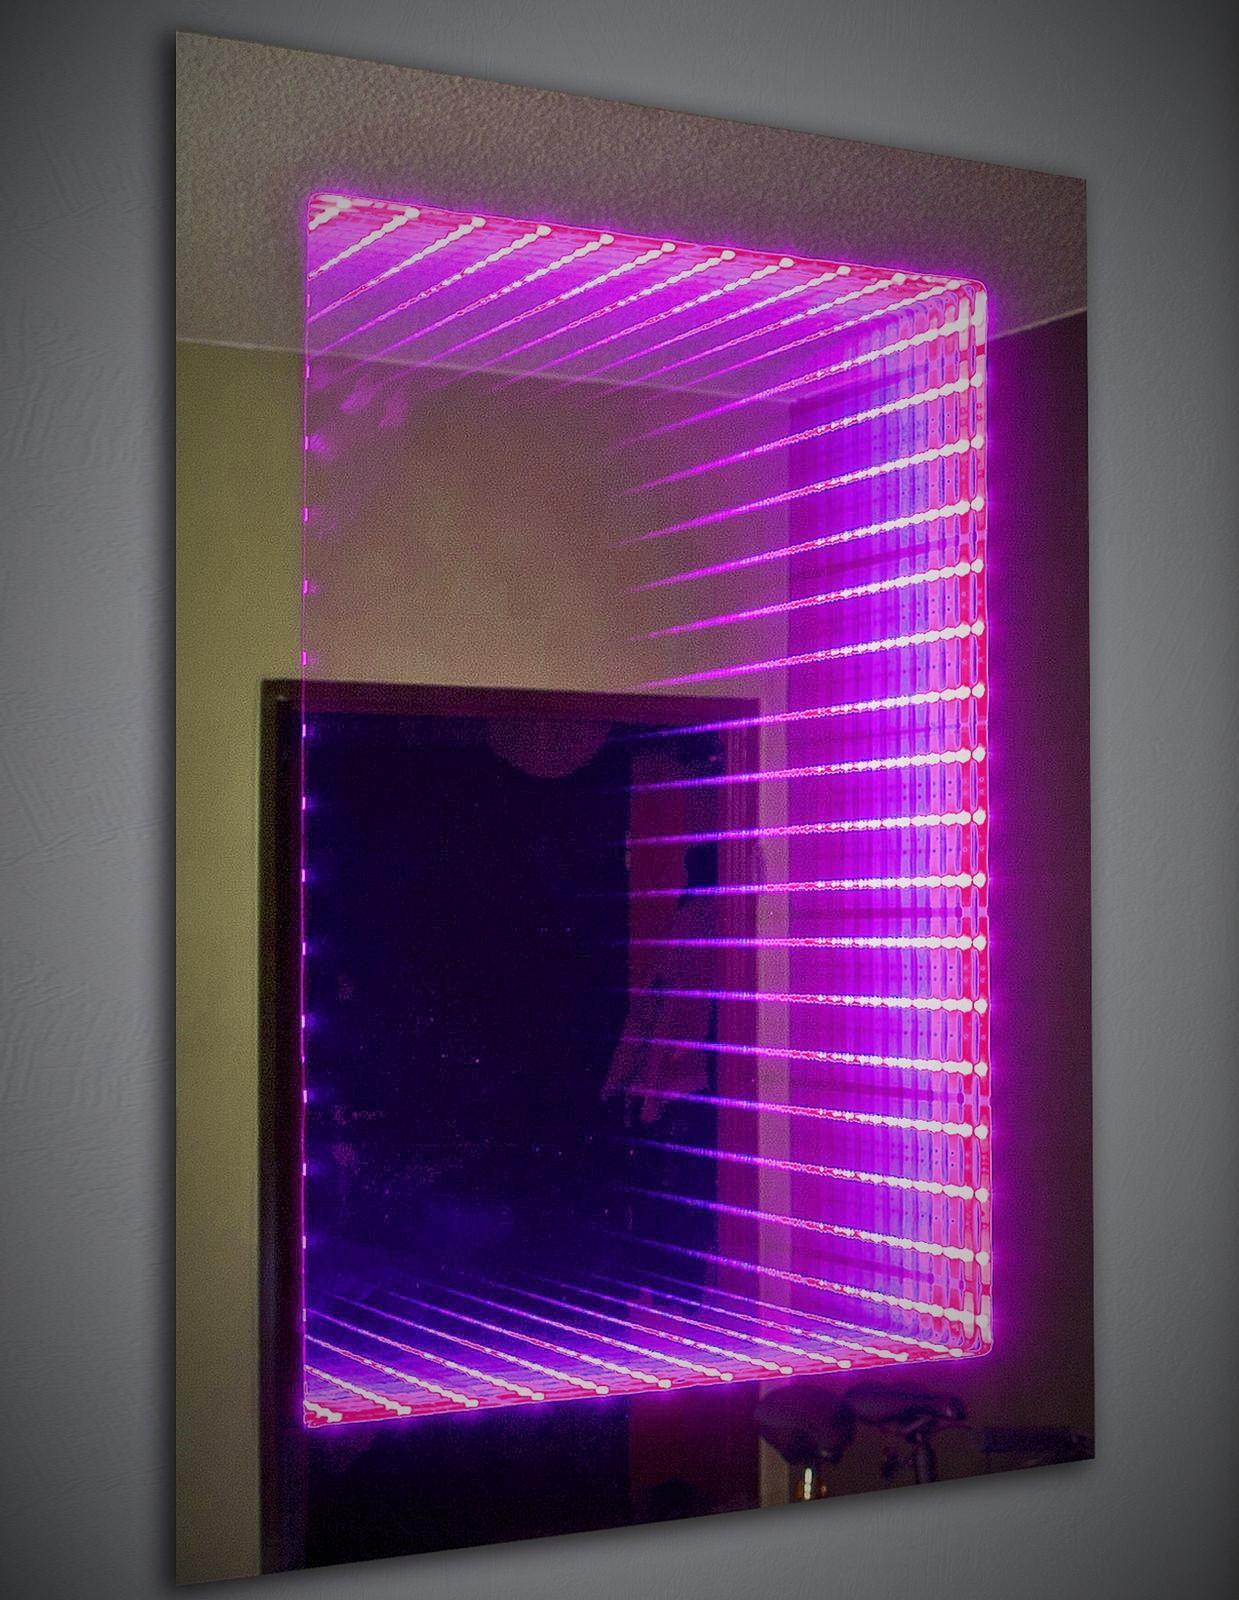 infinity mirror led unendlichkeitsspiegel infinity tisch. Black Bedroom Furniture Sets. Home Design Ideas